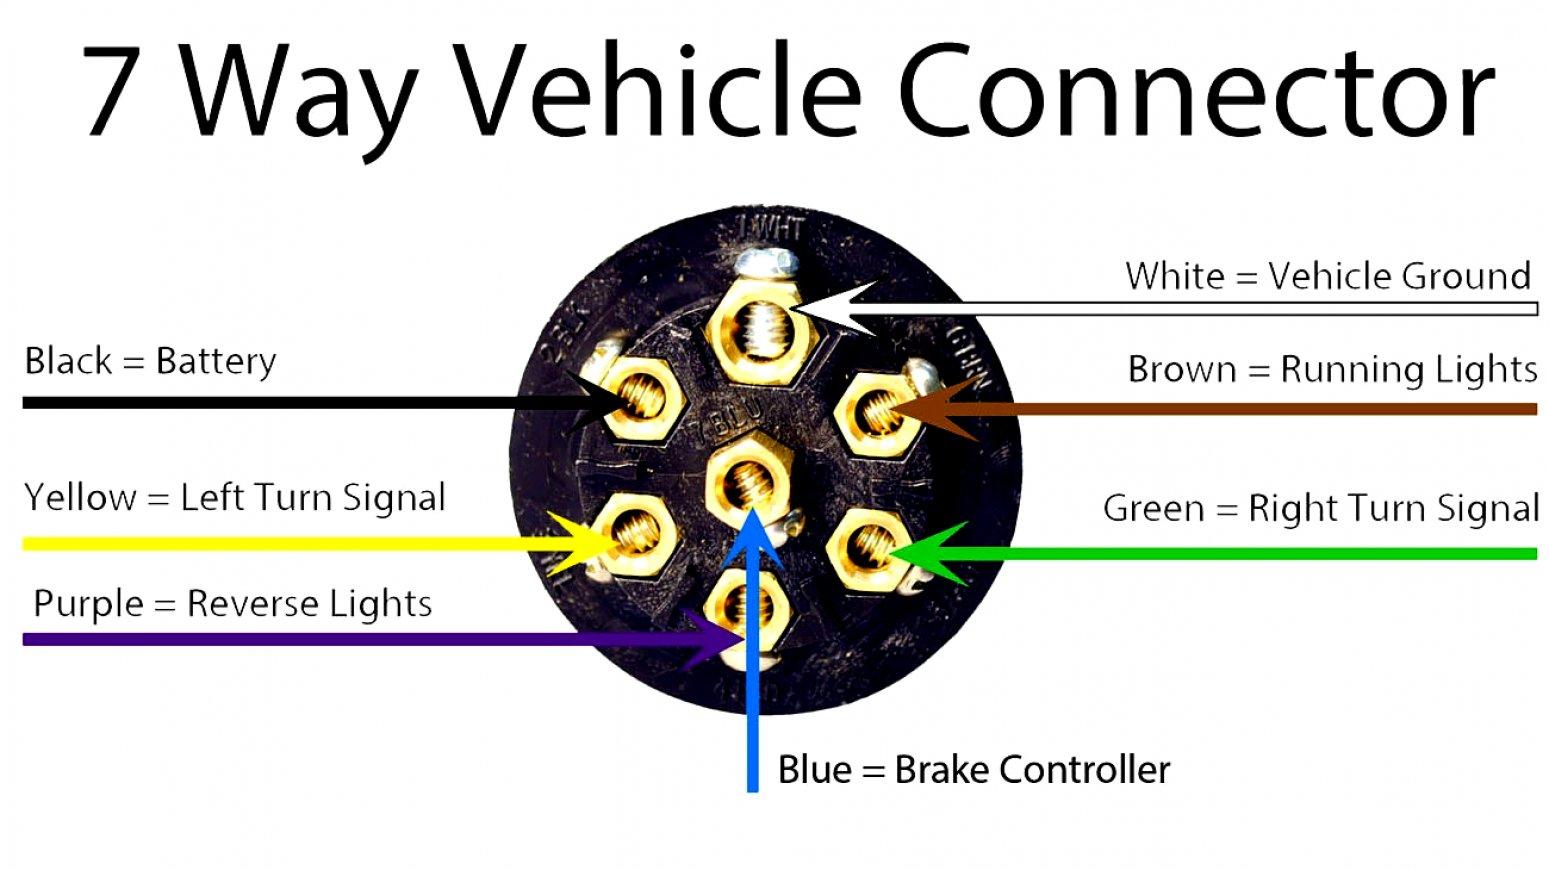 Pollak Trailer Wiring Diagram 7 Pin Plug | Wiring Diagram - Pollak Trailer Plug Wiring Diagram